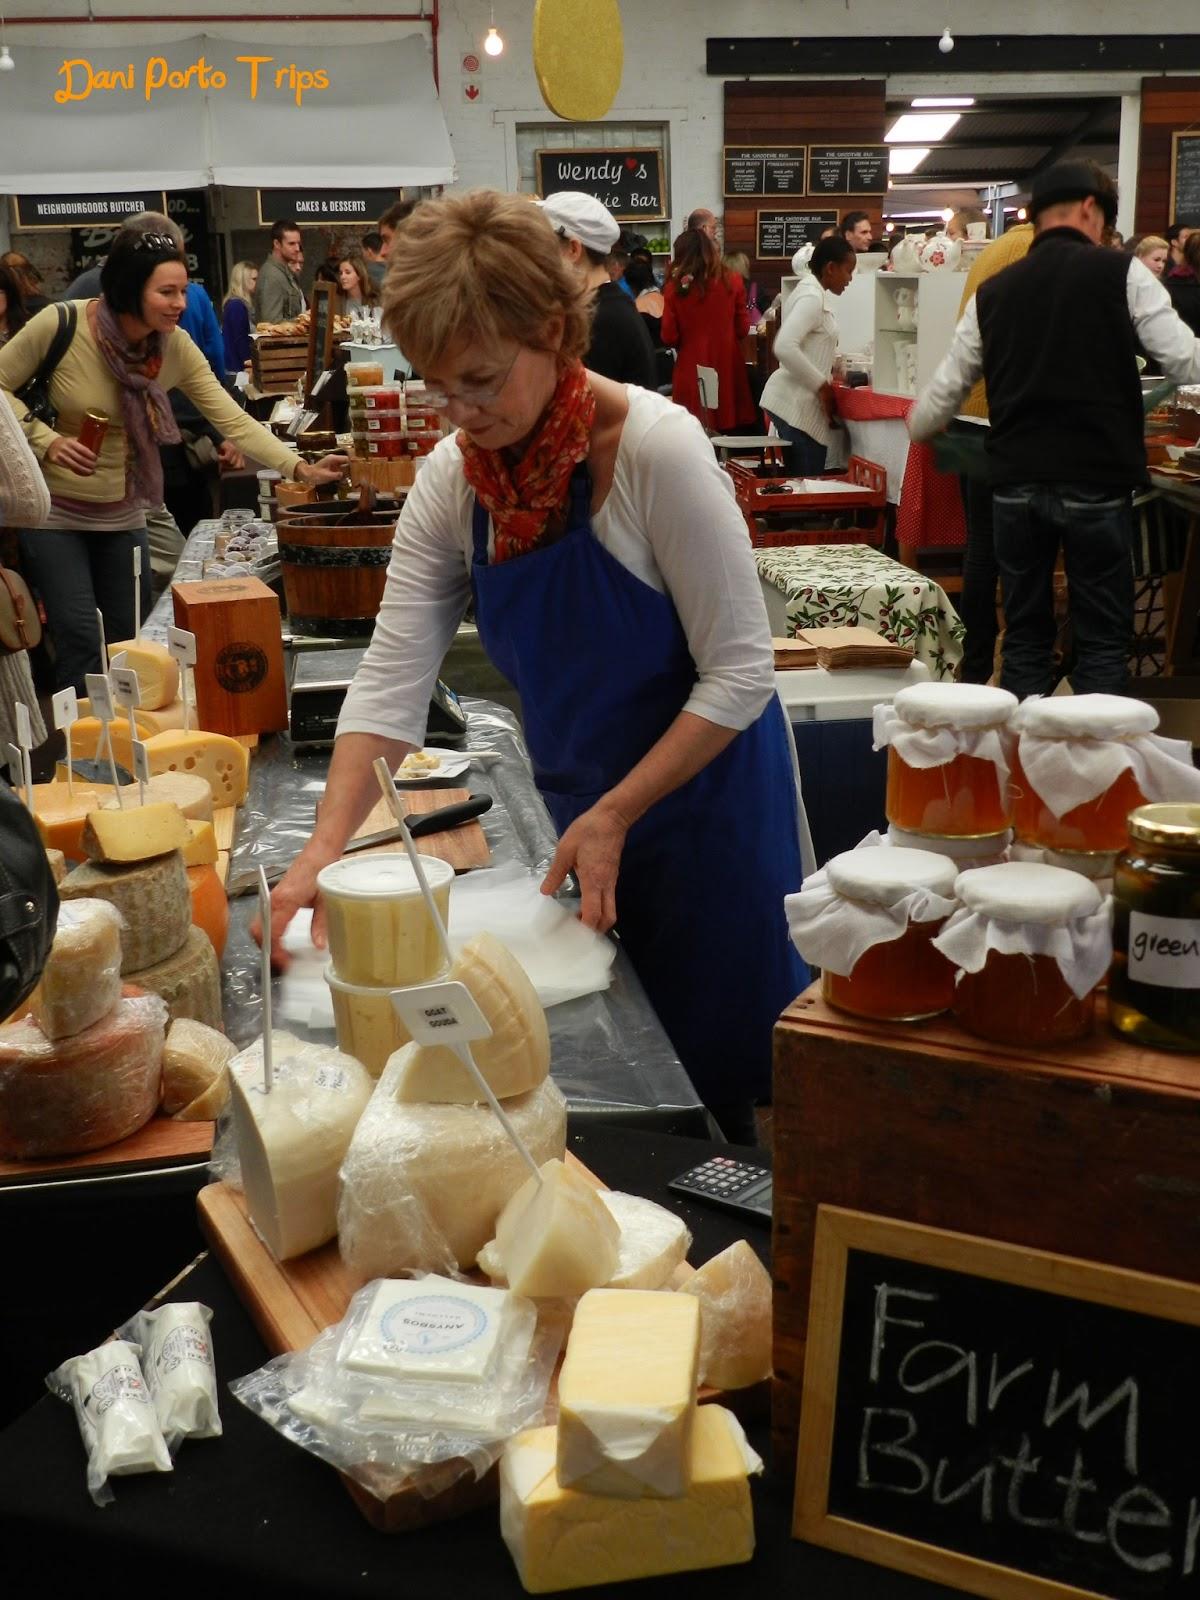 The Old Biscuit Mill, cape town, cidade do cabo, feira, market, gastronomia, fazenda, farm, queijo, cheese